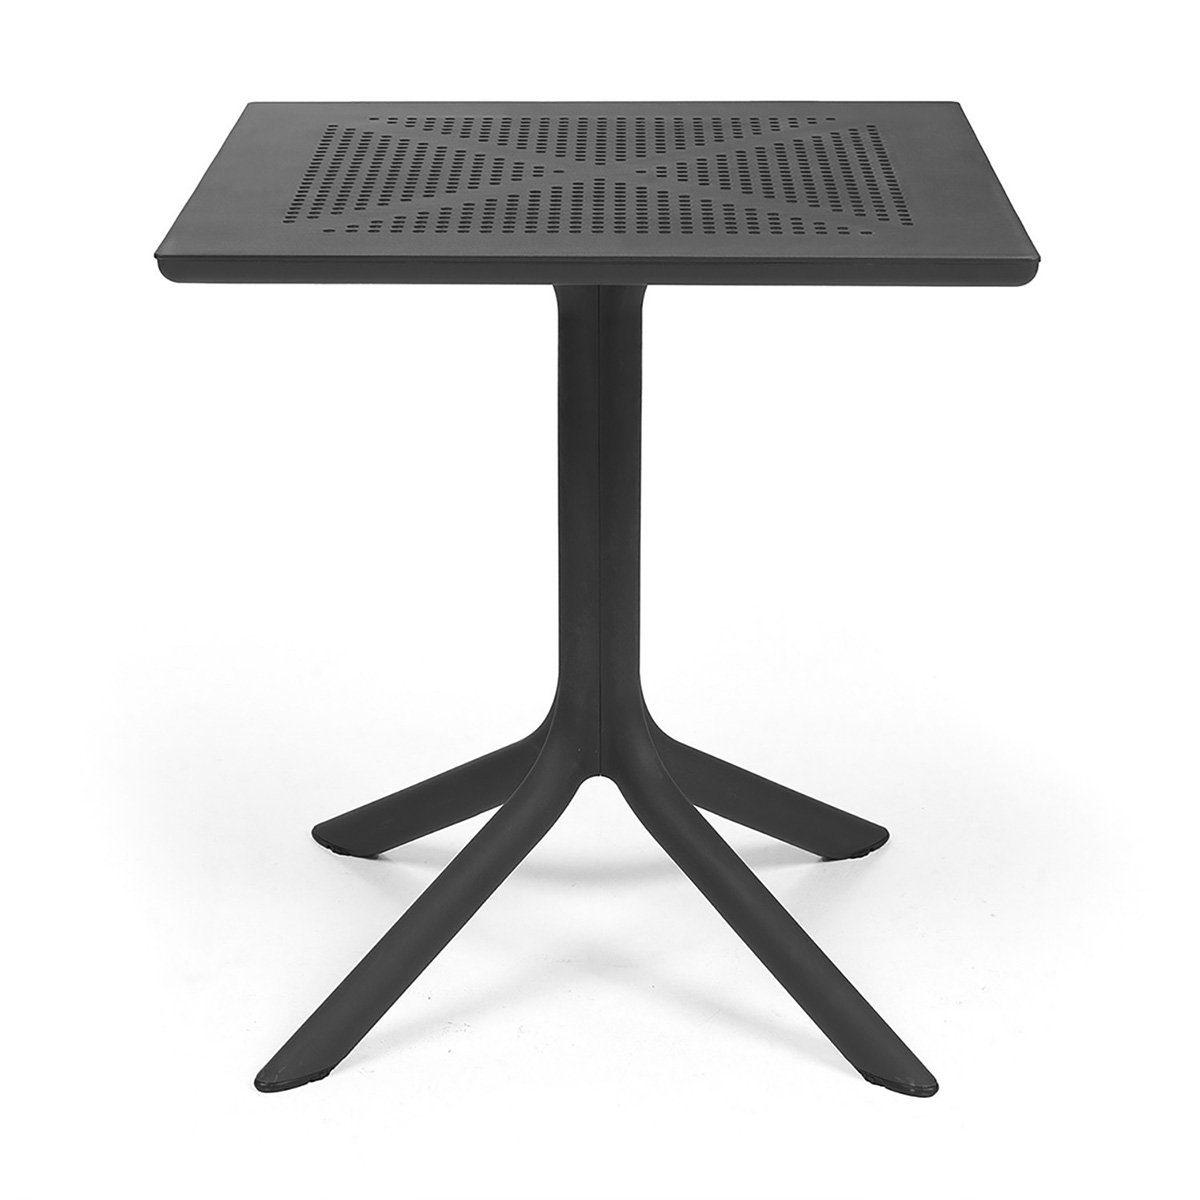 Clip cafébord i antracitgrå plast från Brafab.